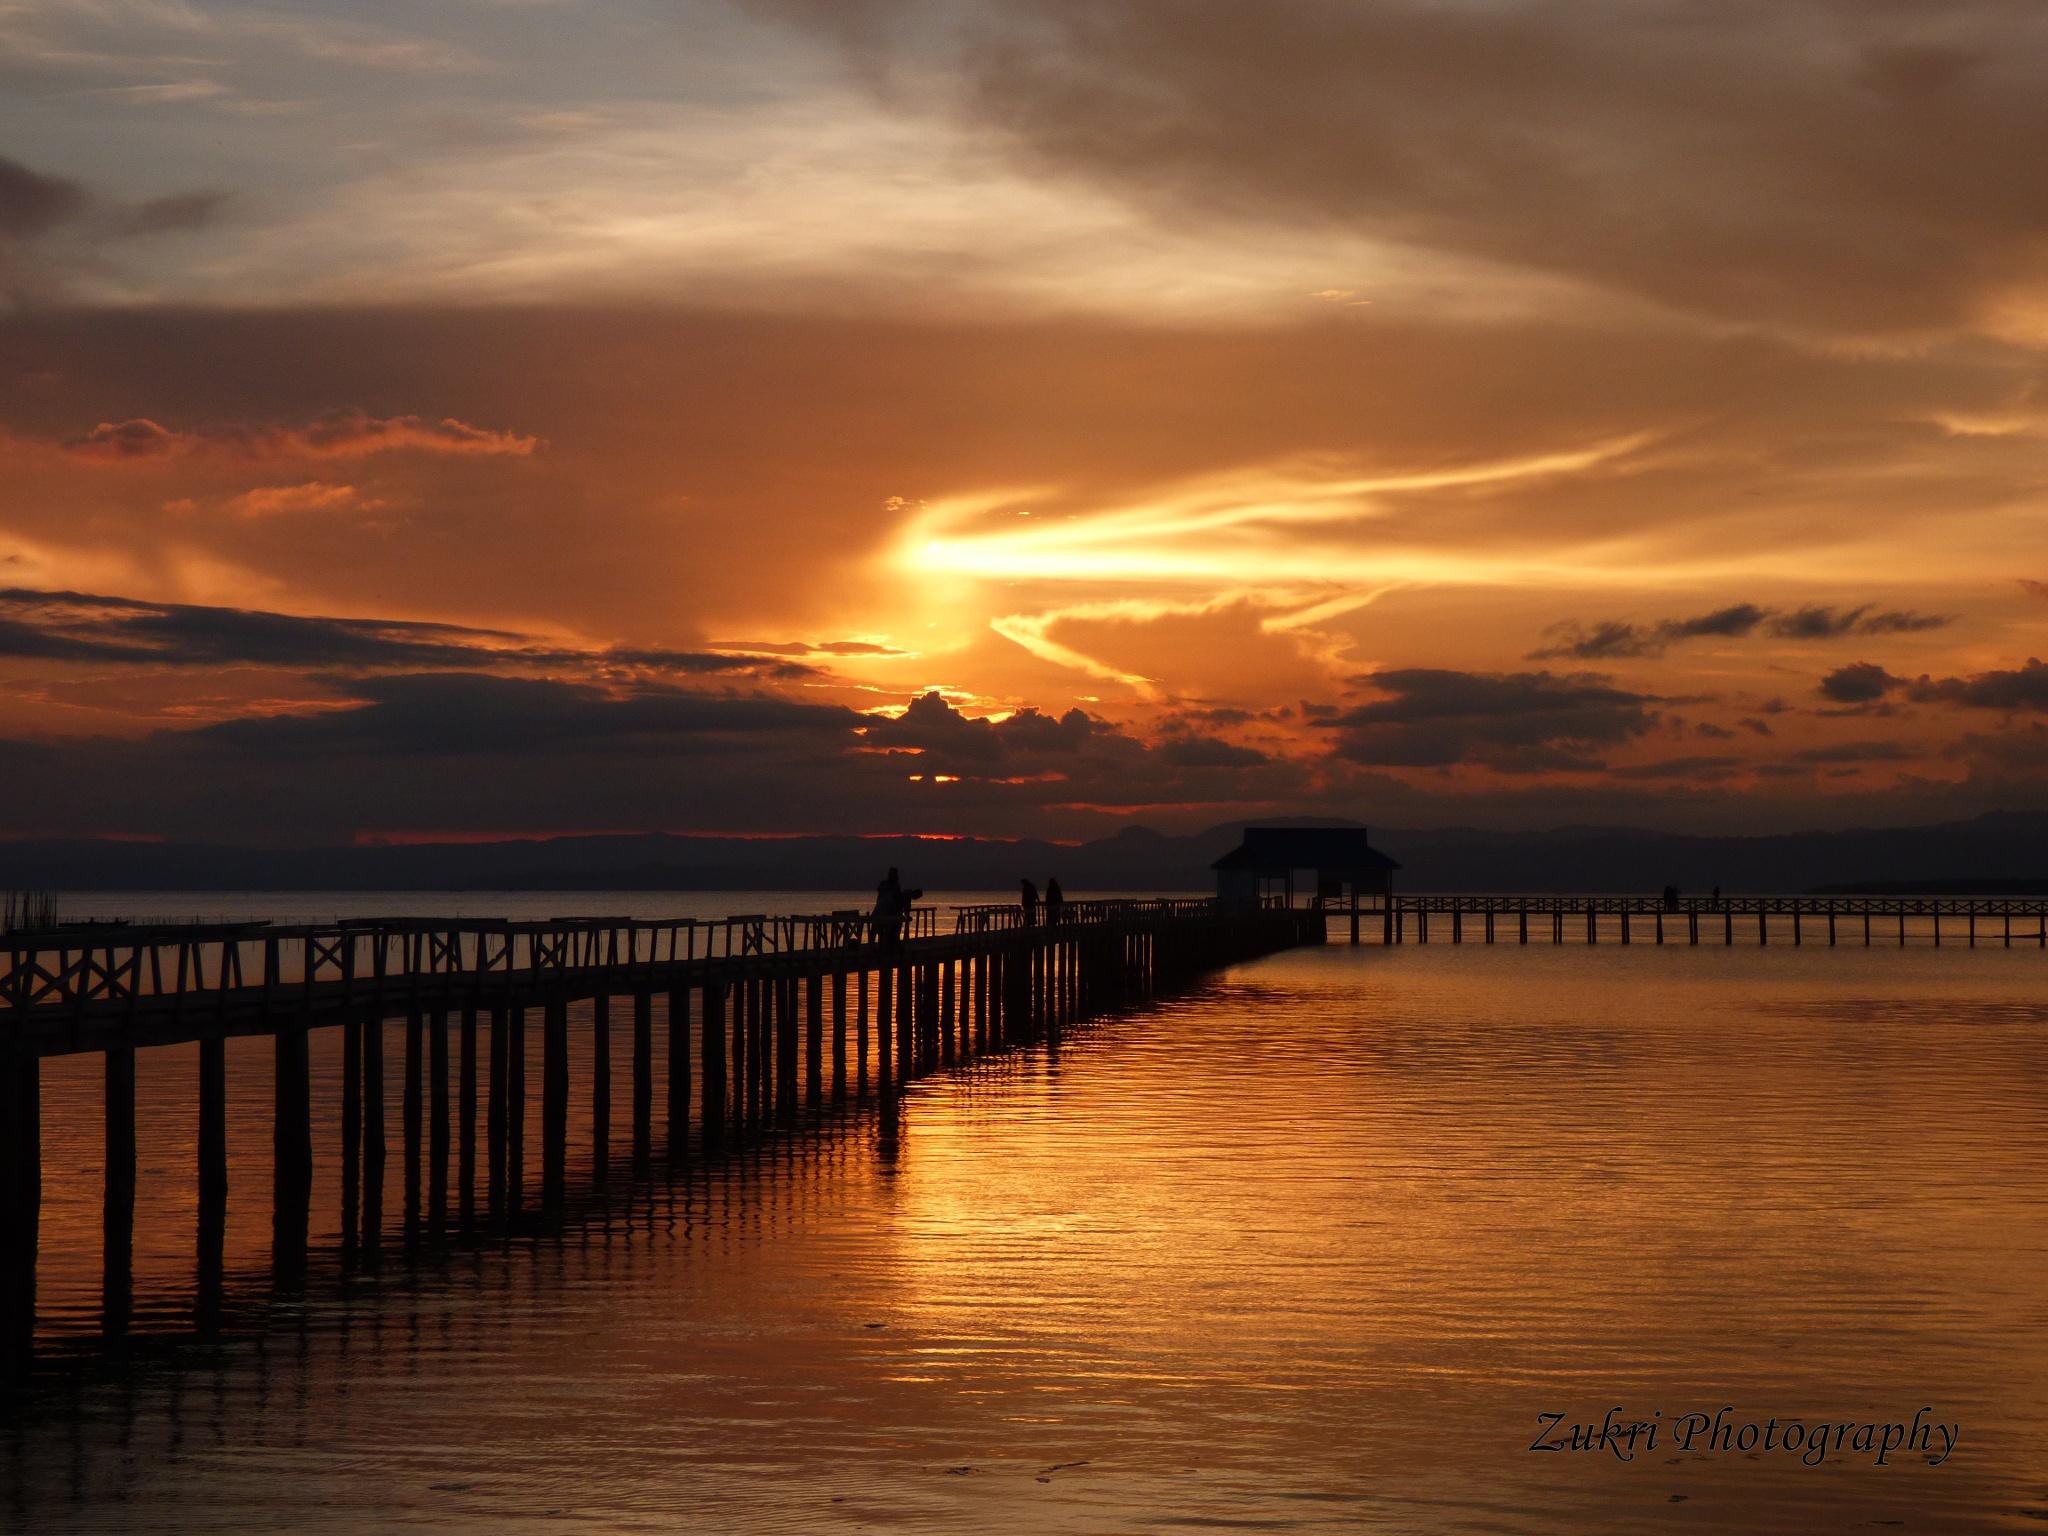 Sunset by Zukri Ld